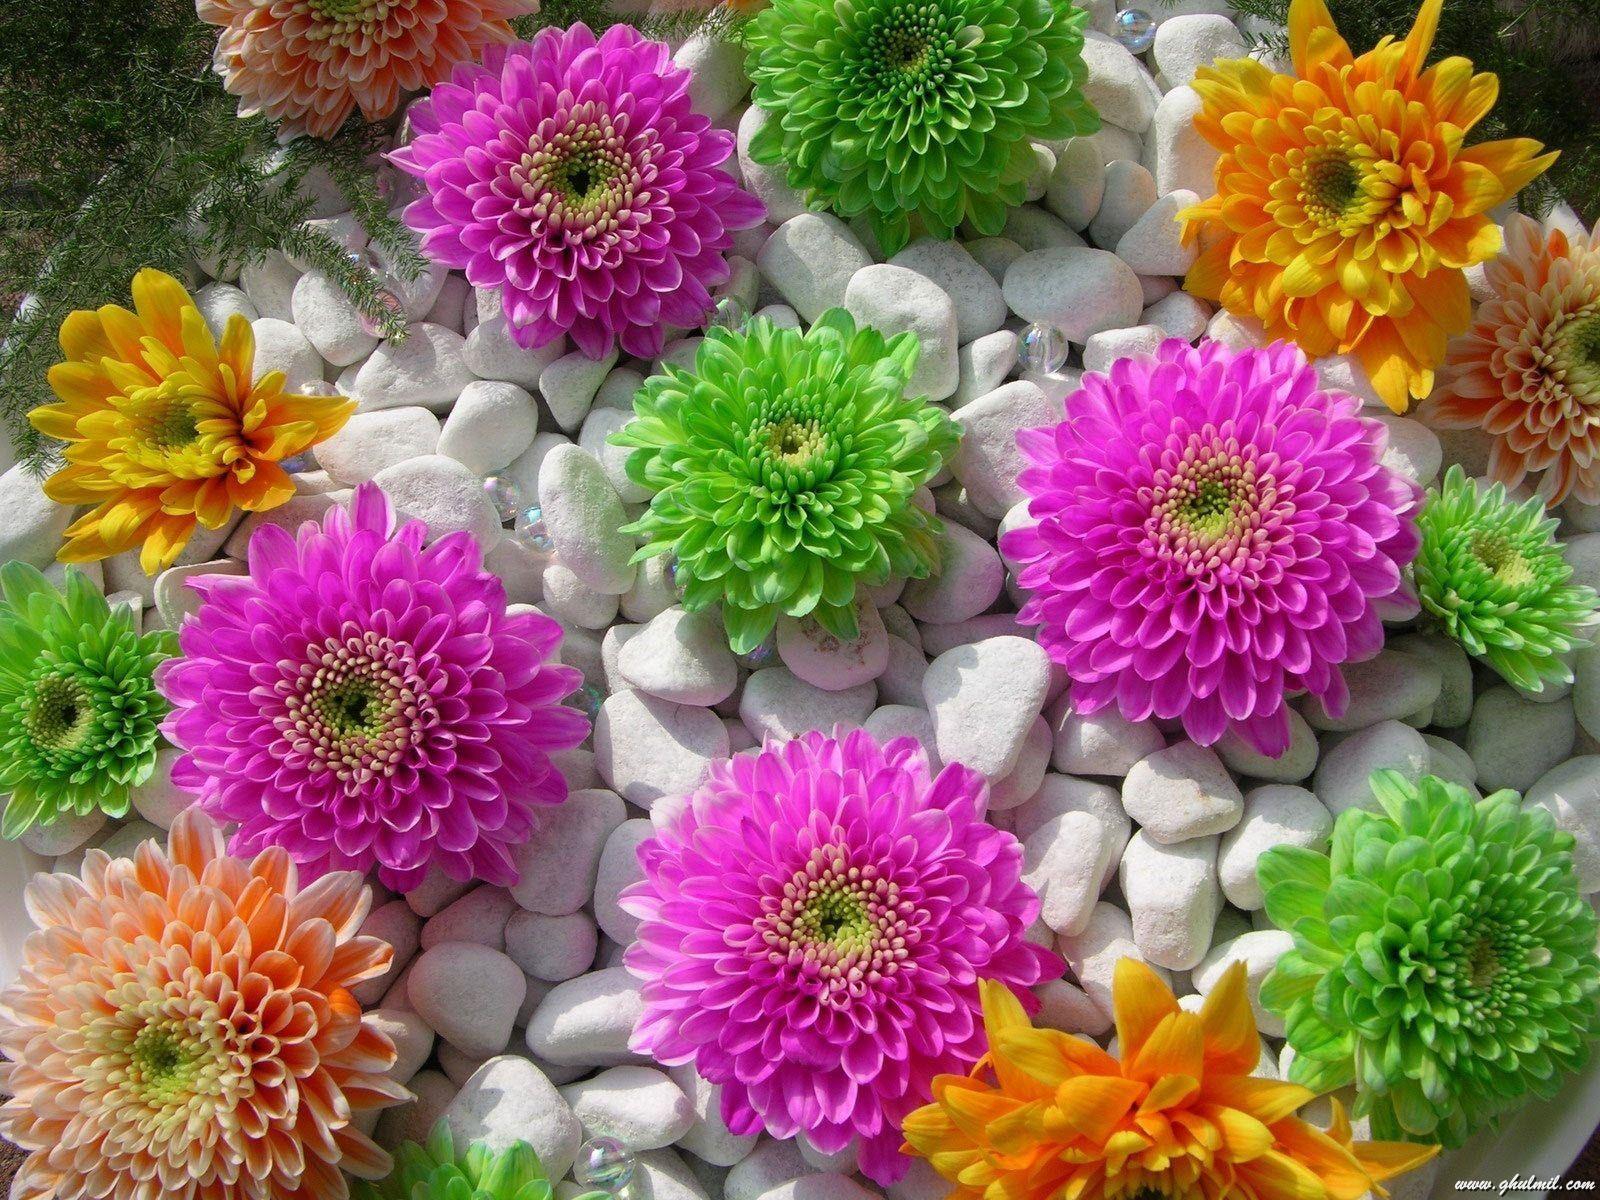 Desktop wallpaper beautiful flowers wallpapersafari beautiful hd flowers desktop wallpapers hd wallpapers 1600x1200 izmirmasajfo Gallery